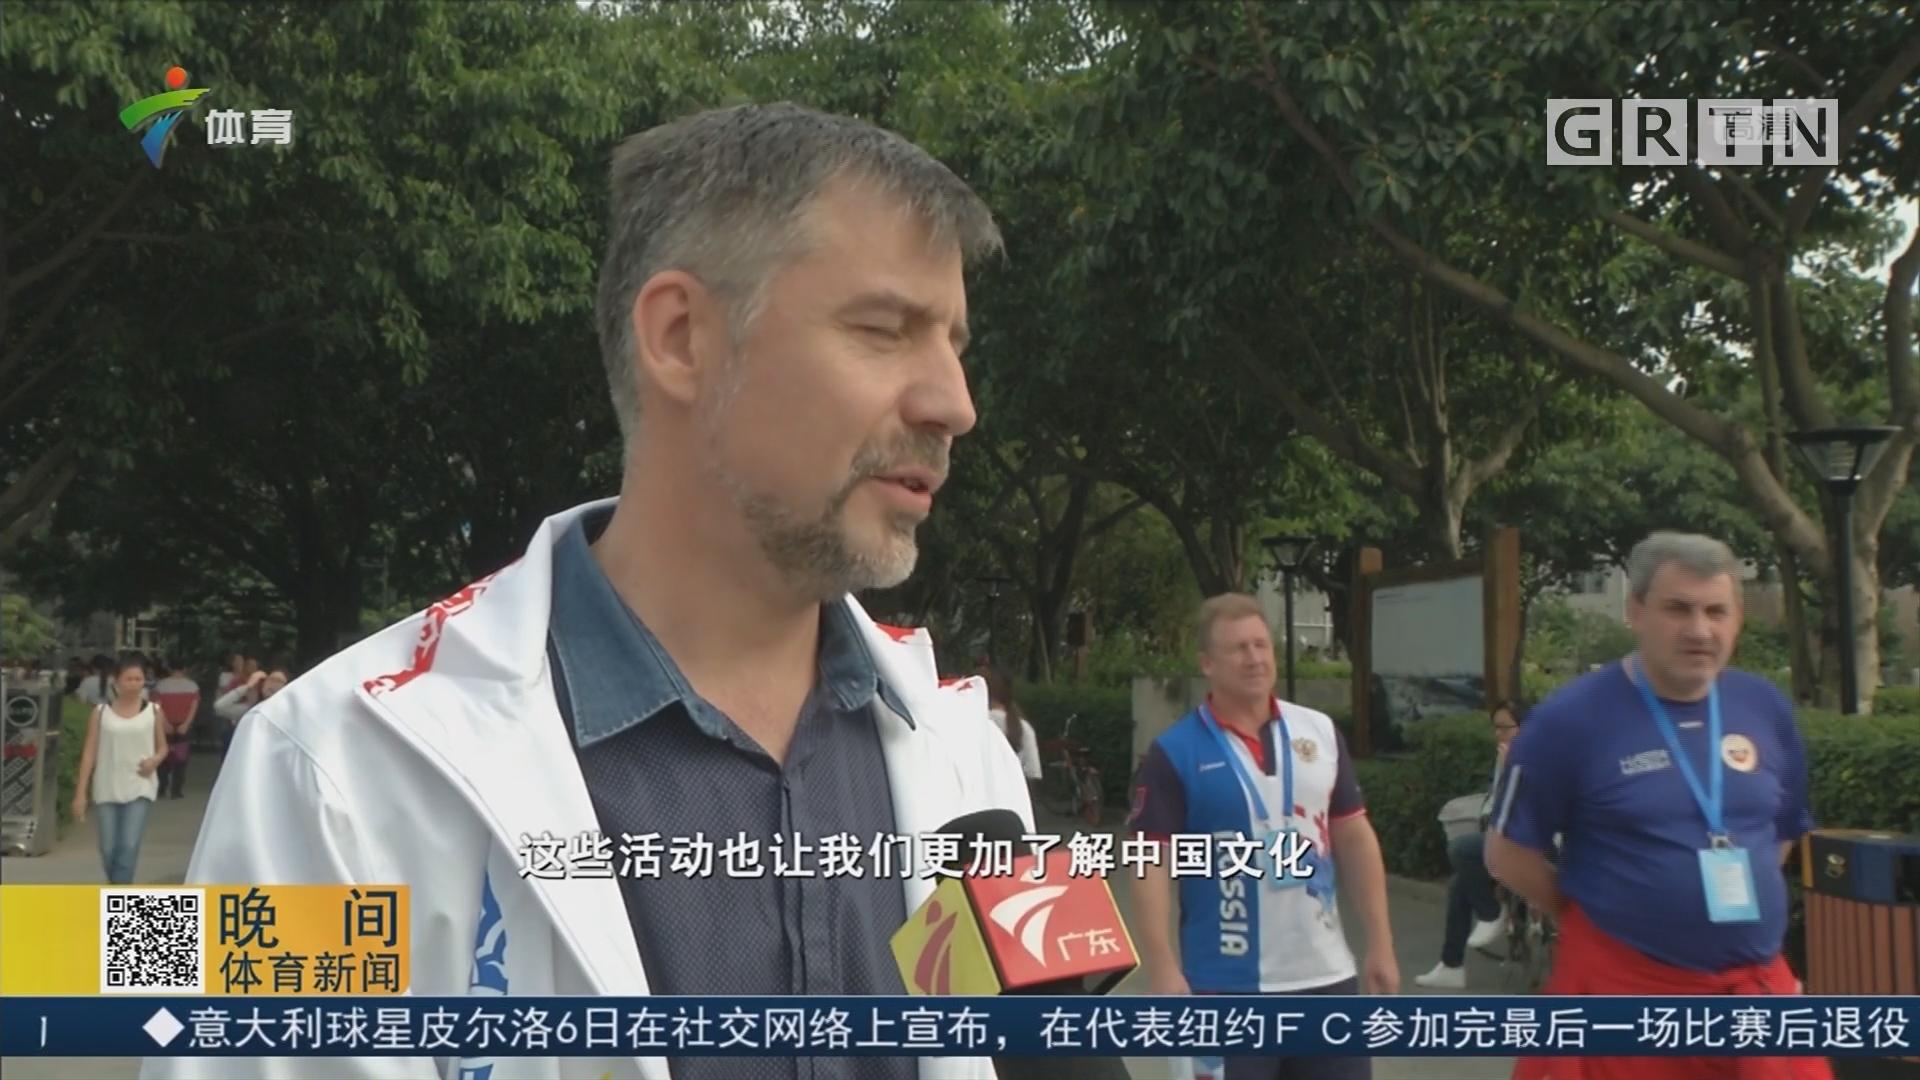 游览黄埔古港 俄罗斯运动员感受中国文化